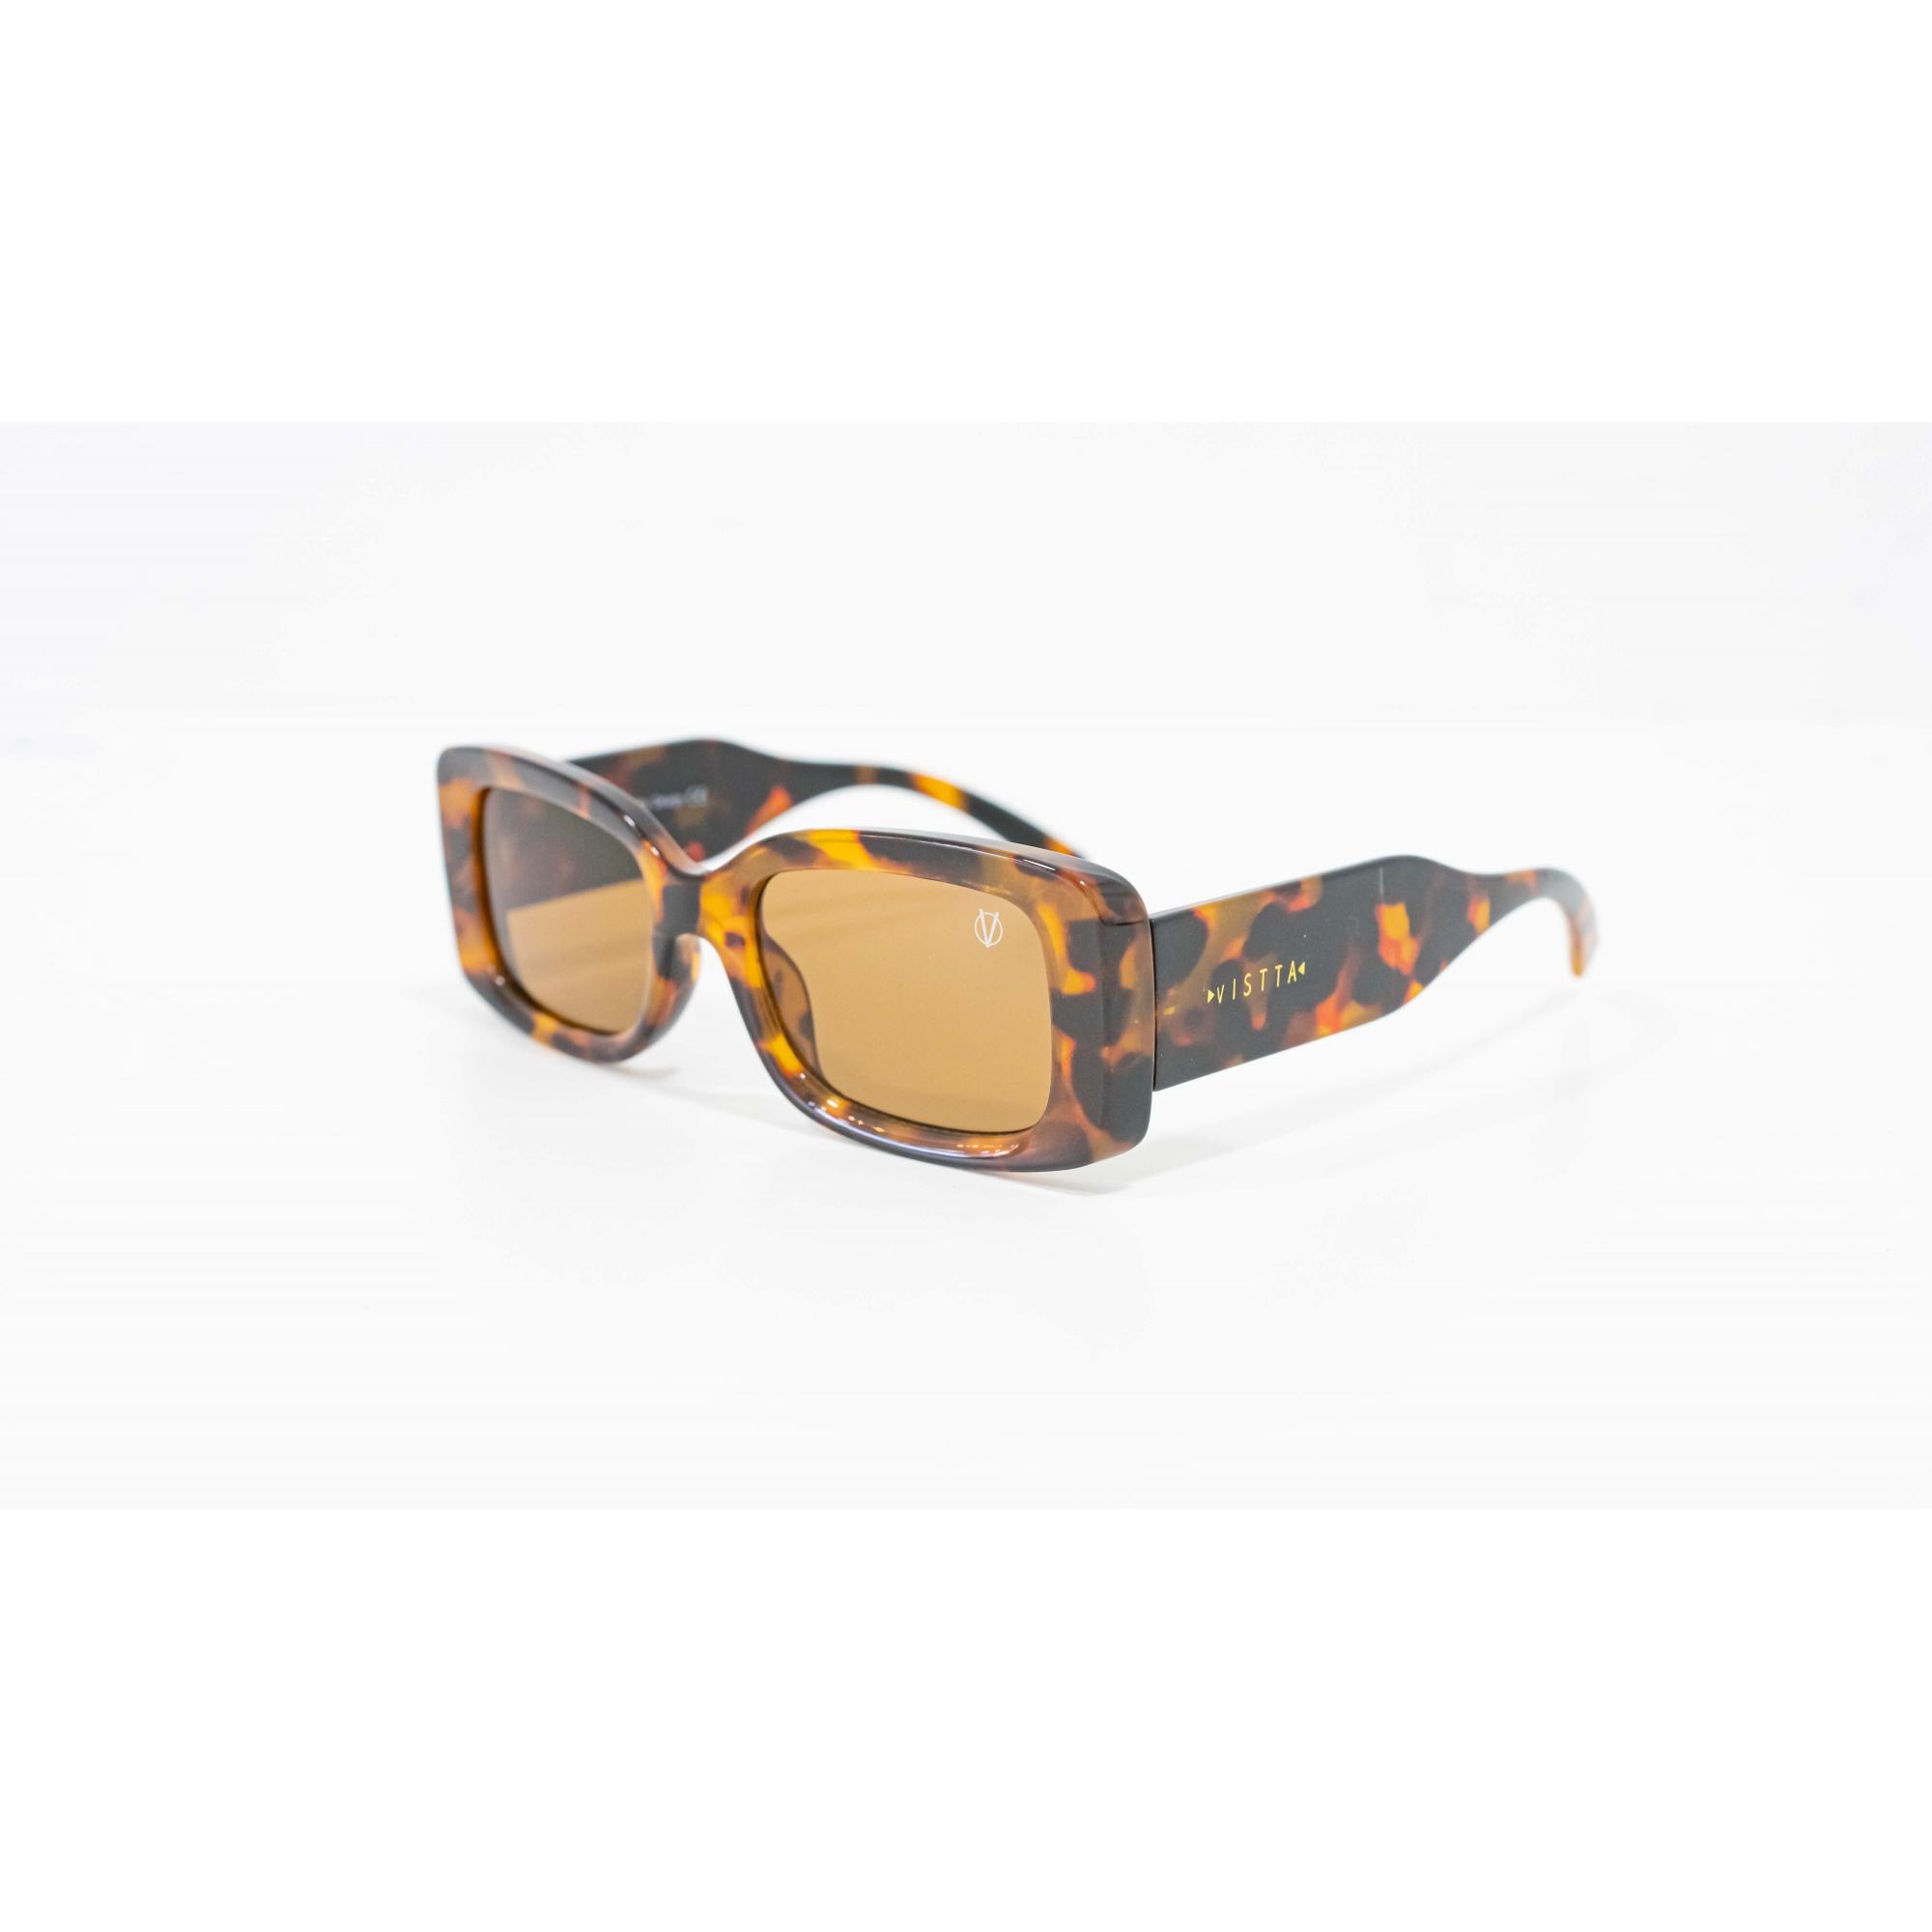 Óculos Vistta Aping Retangular LQ9008 C3 50 Tartaruga